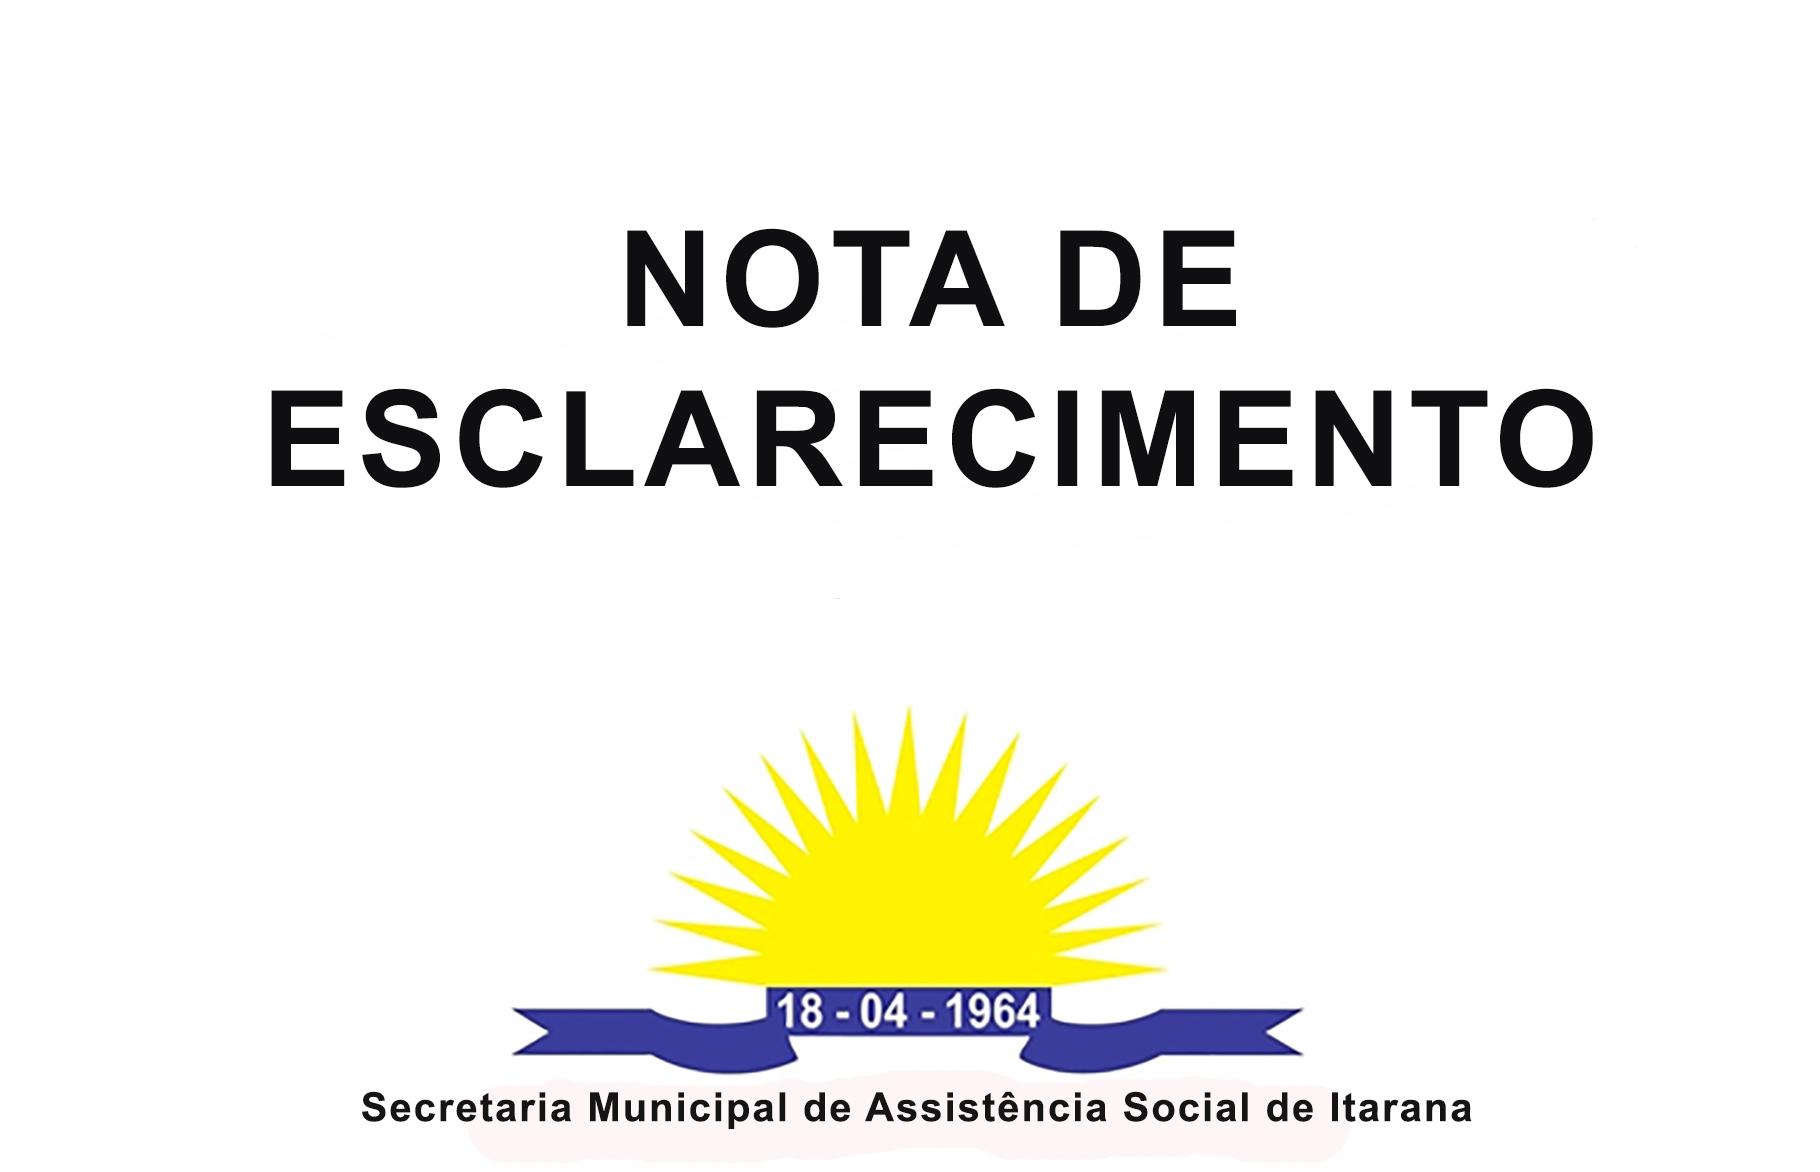 Nota de esclarecimento sobre o Programa Bolsa Família em Itarana